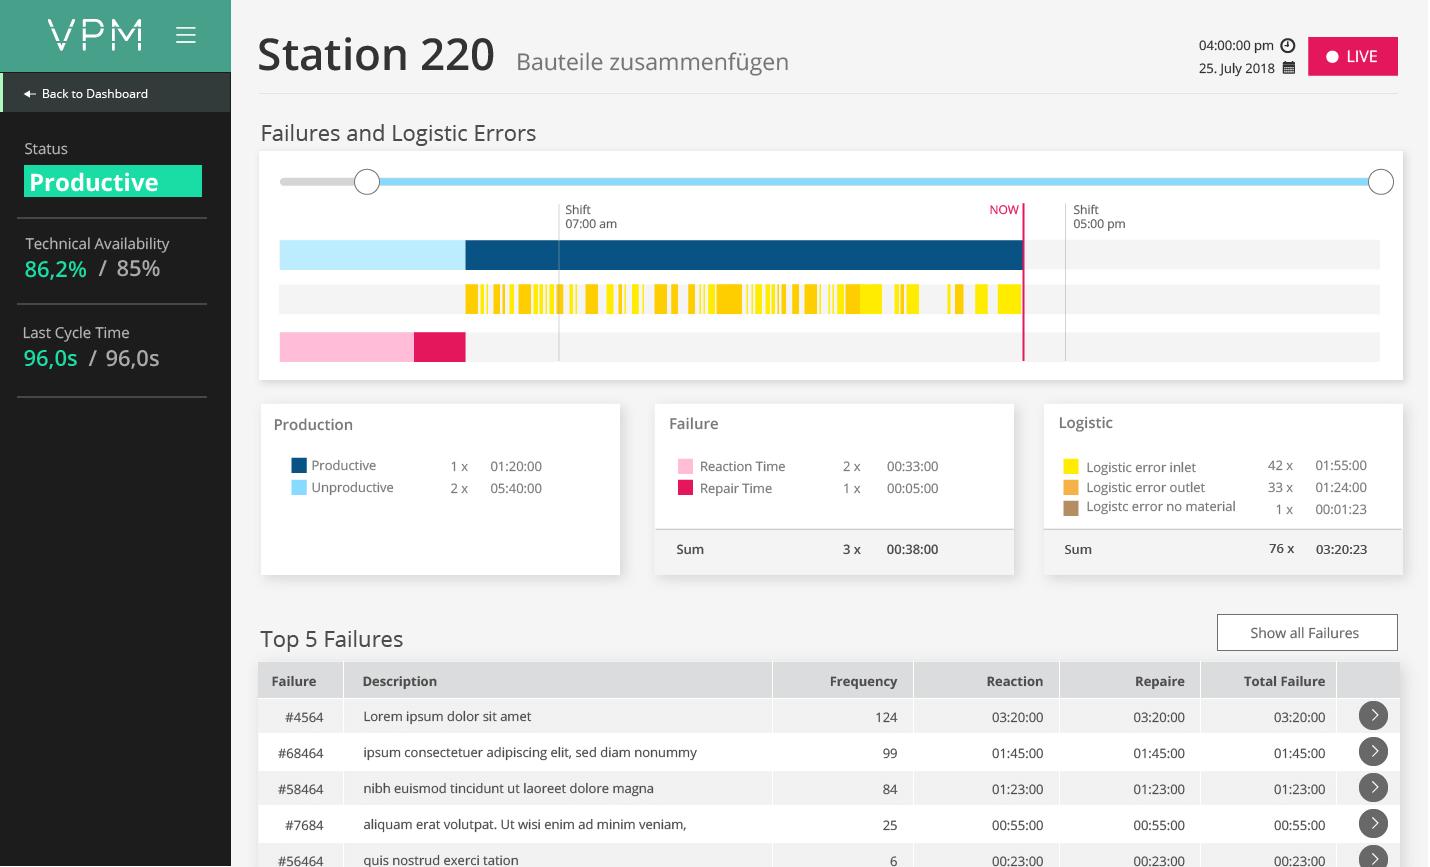 VPM - Fehlerauswertung einer Station mit Analyse der logistischen Fehler und Top-Listen